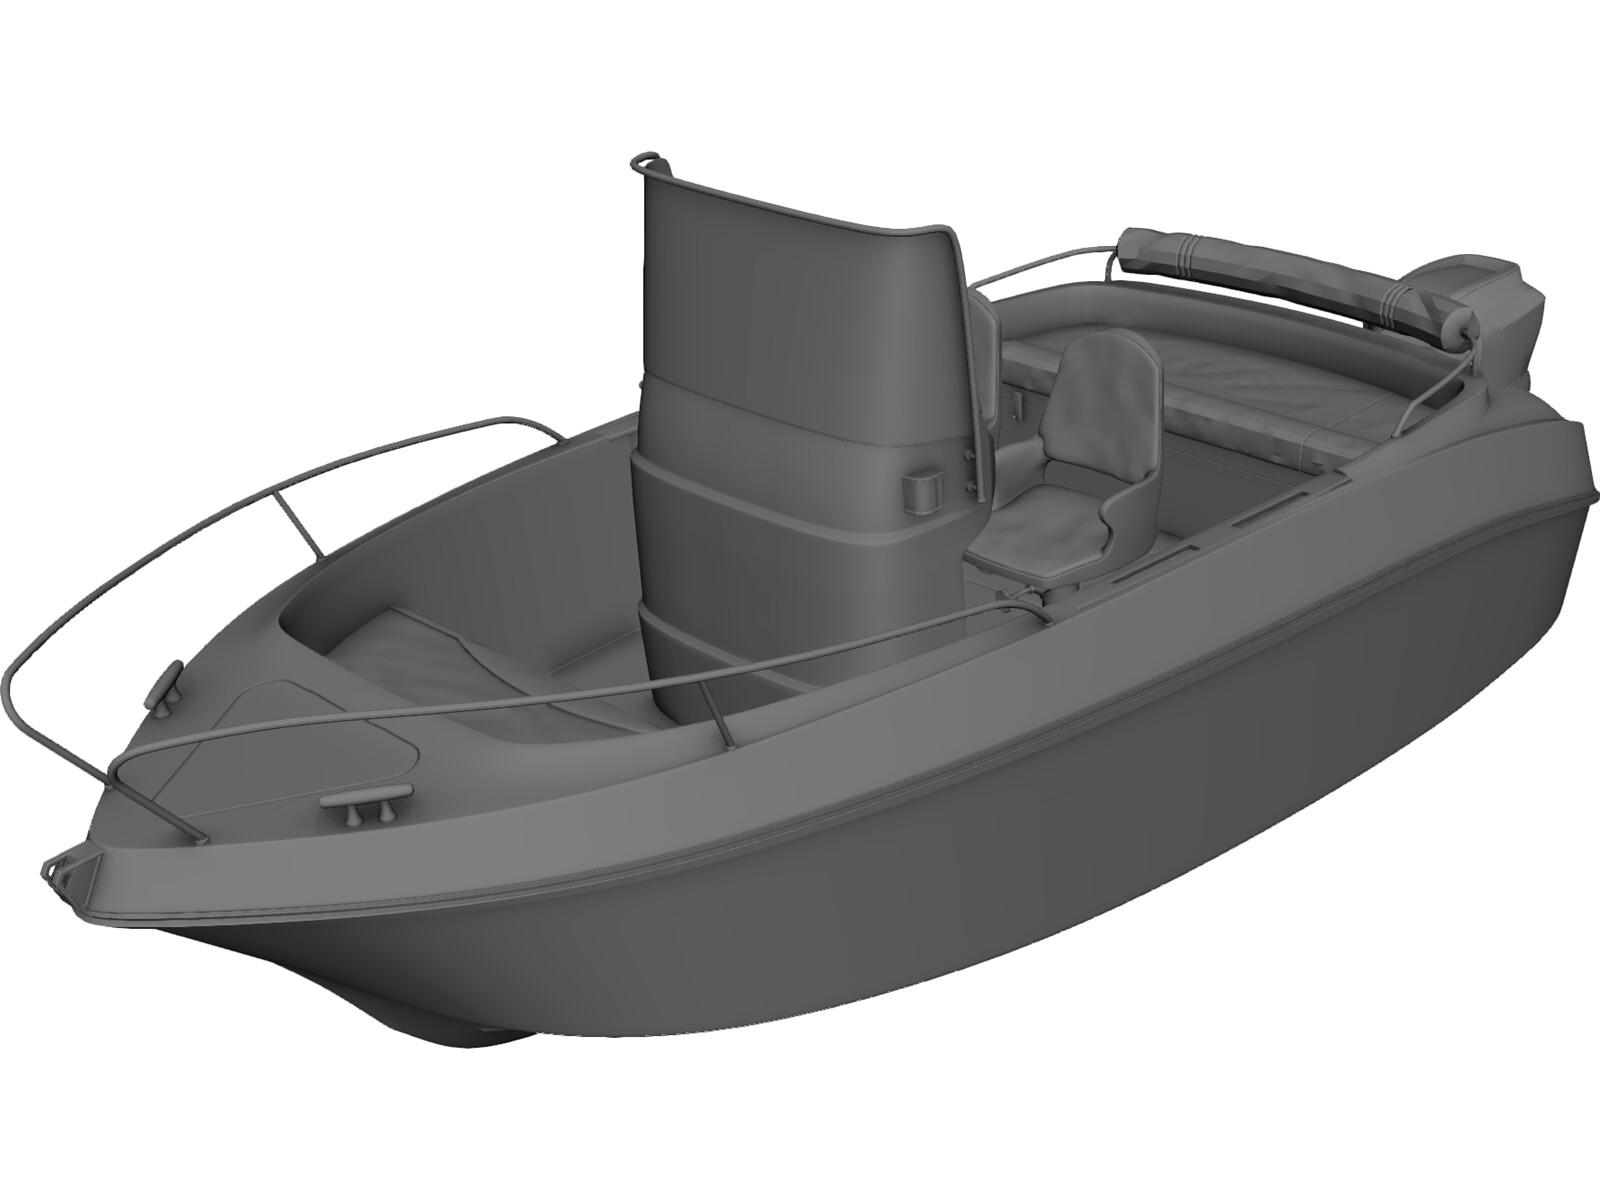 物理学家利用3D打印技术打造世界最小船只